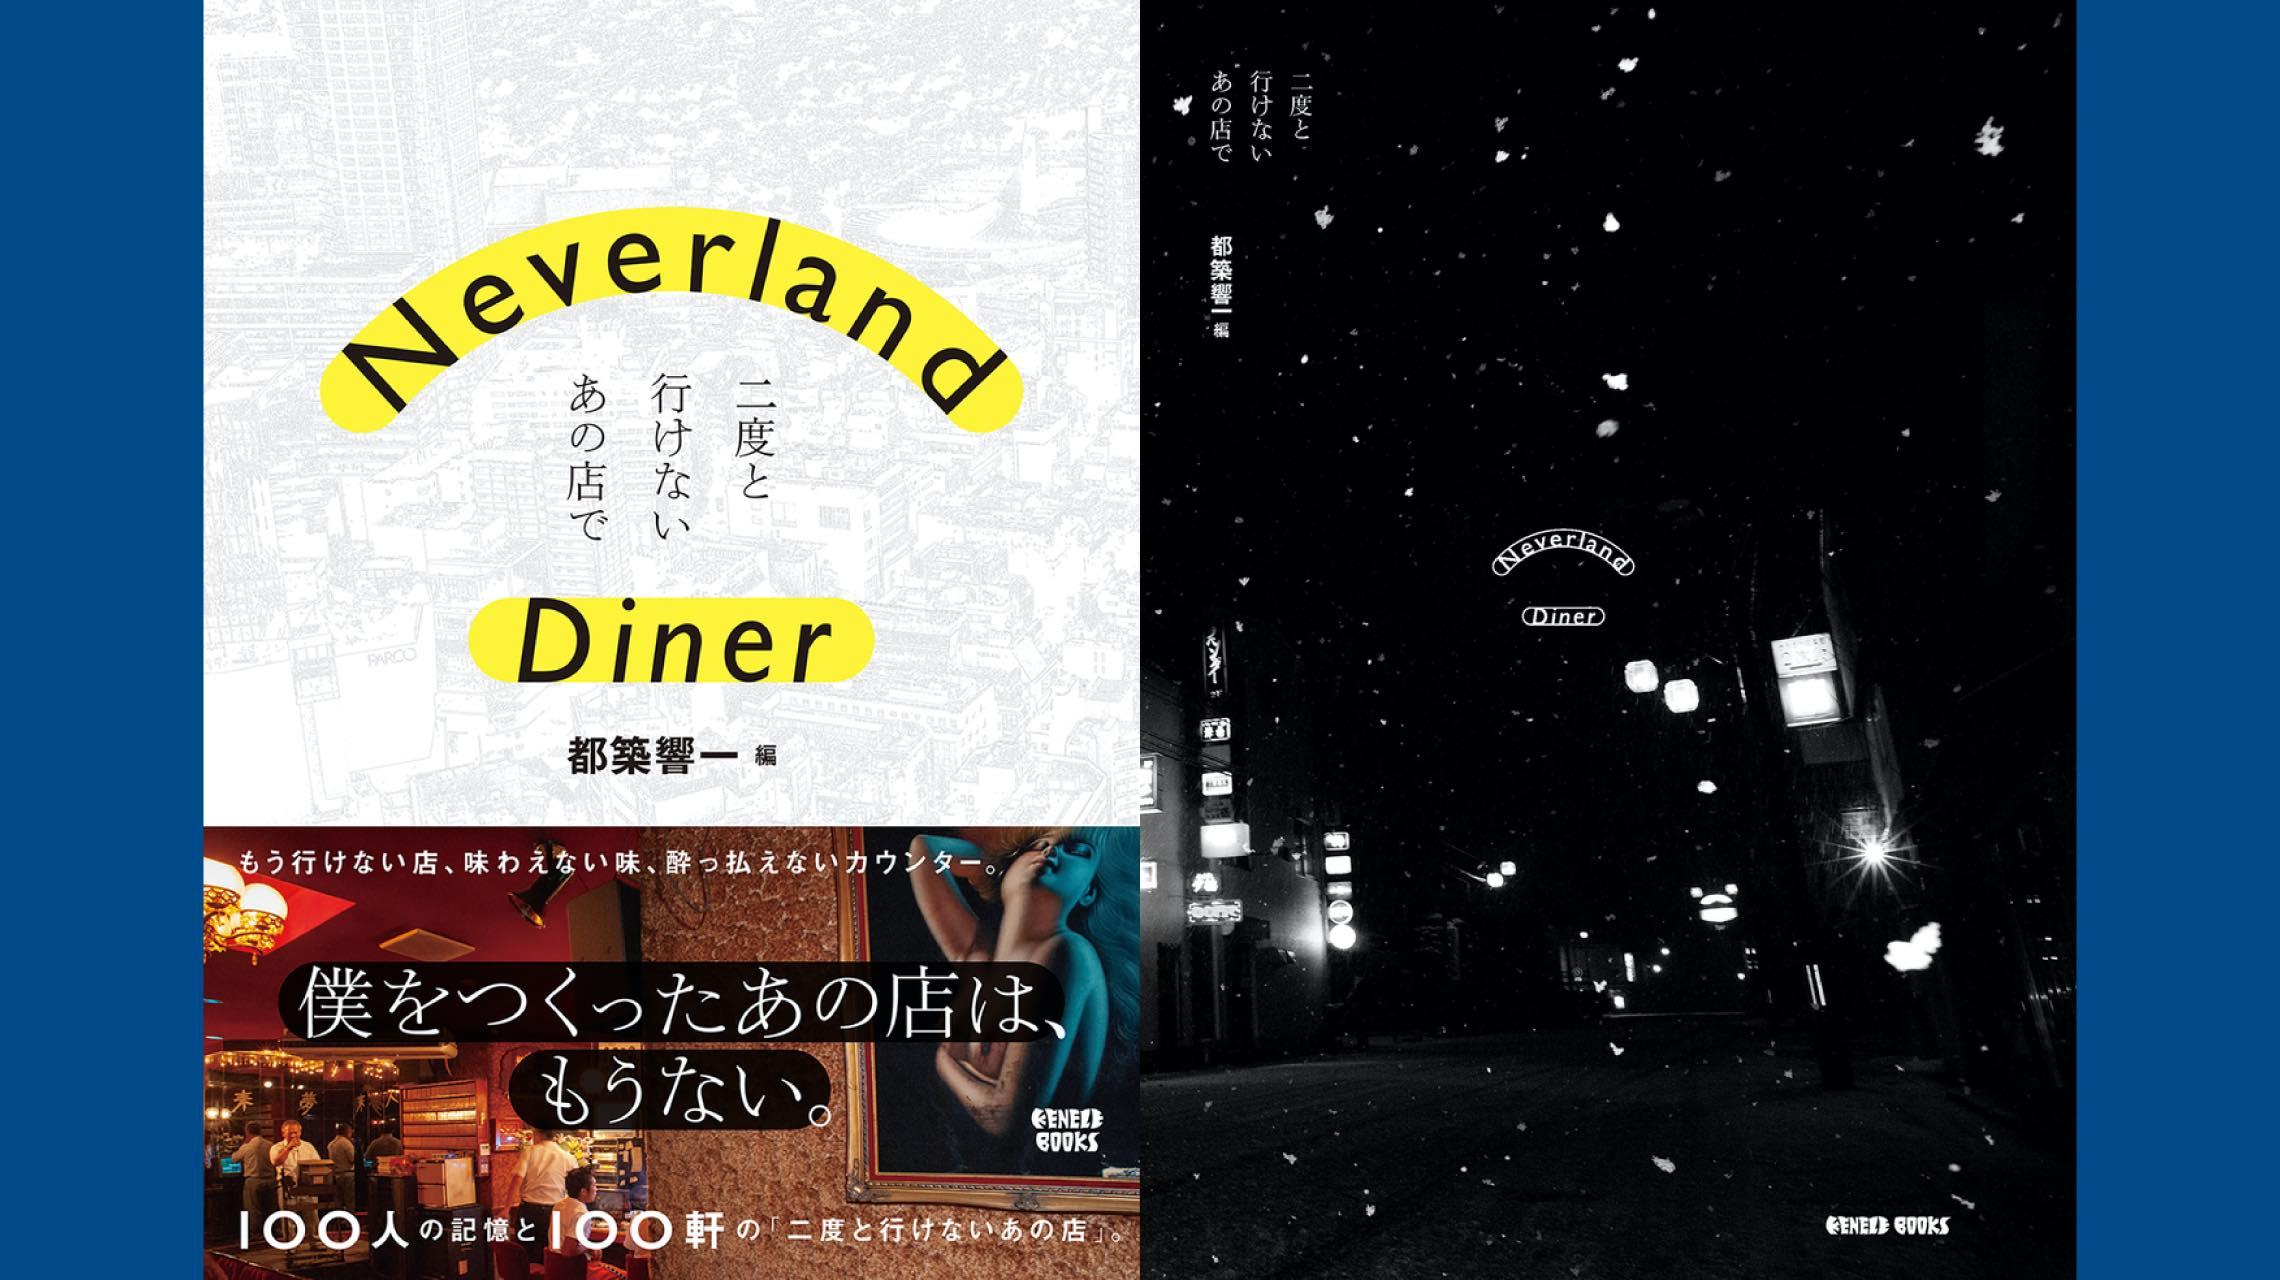 二度と行けないあの店の話。『Neverland Diner』で100人の追憶に触れる